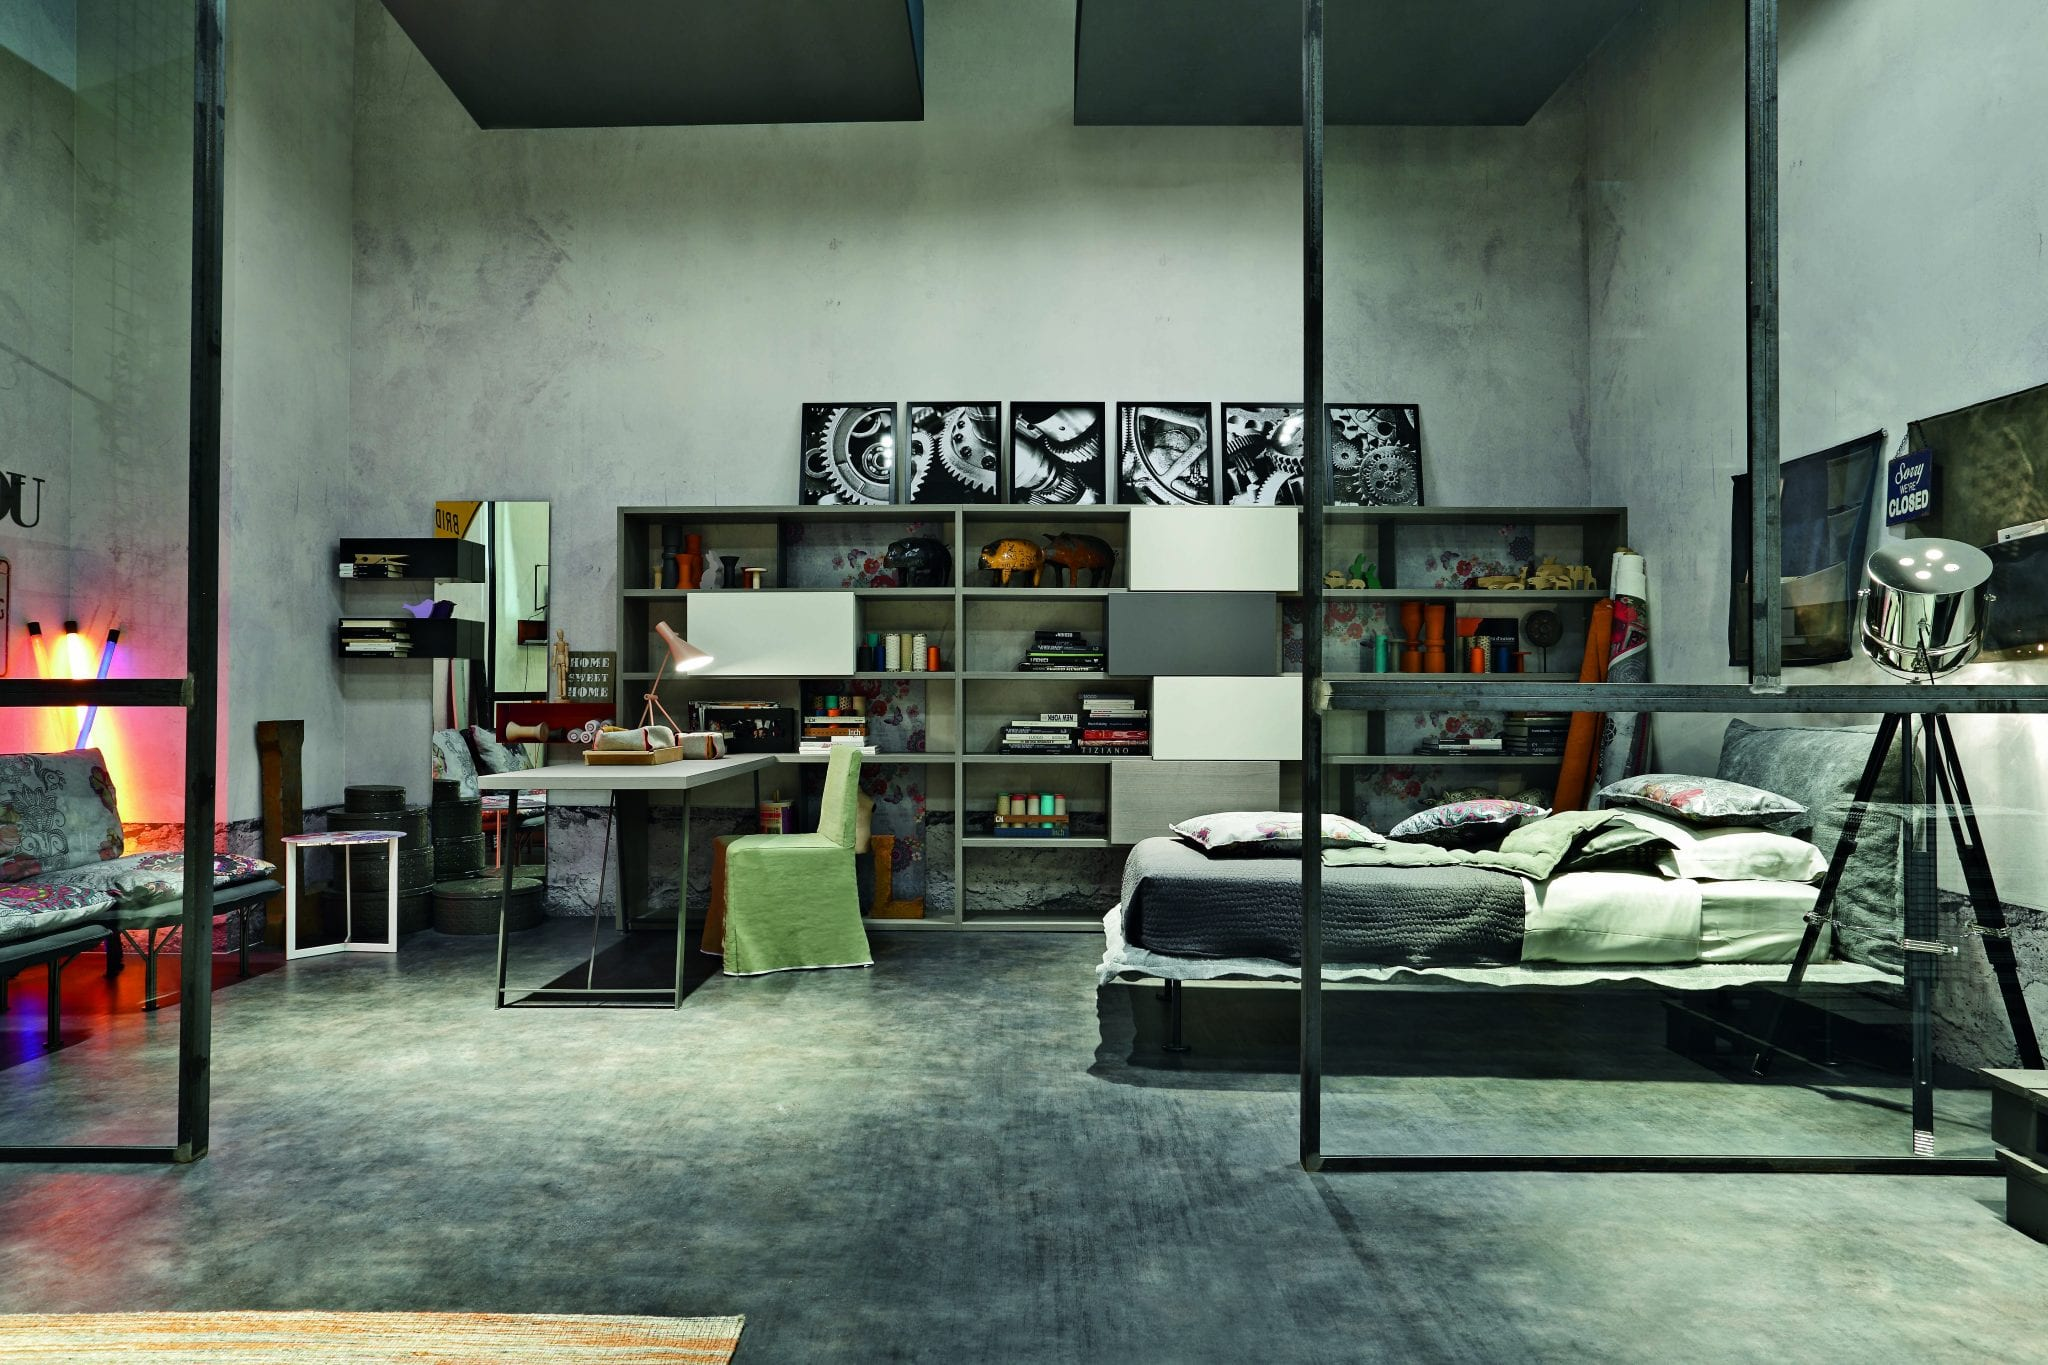 Camere ragazzi moderne componibili - Camere da letto per ragazzi moderne ...